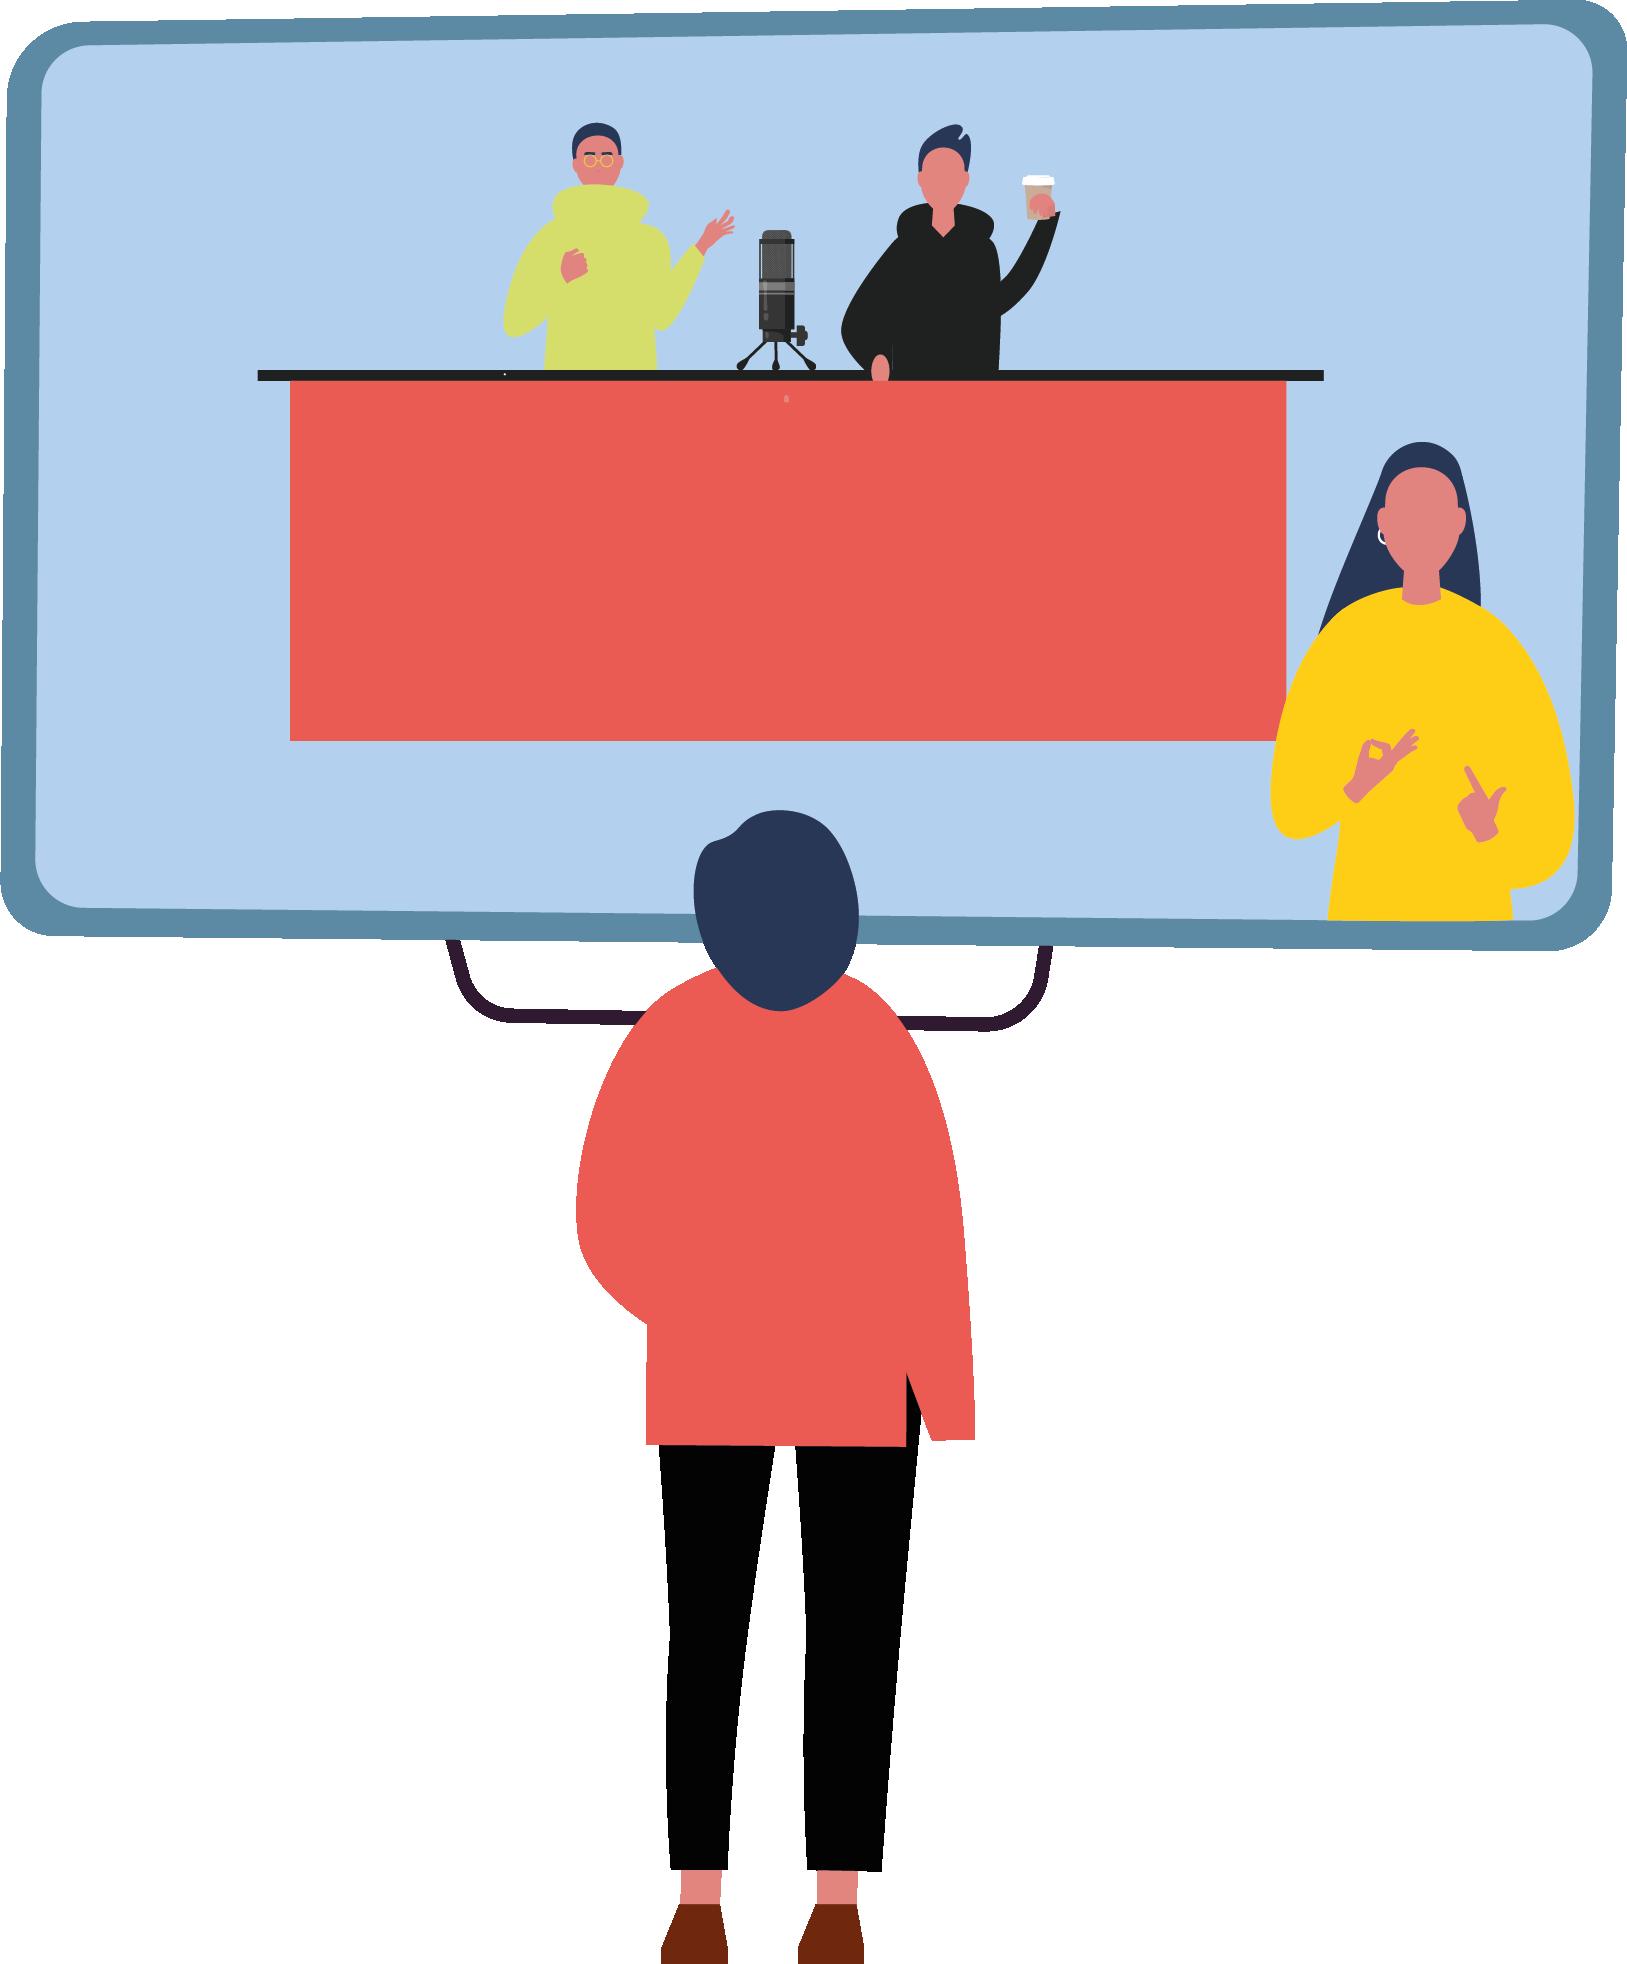 İşaret dili çevirisi ile erişilebilir hale getirilmiş bir programı televizyonda izleyen birey çizimi.